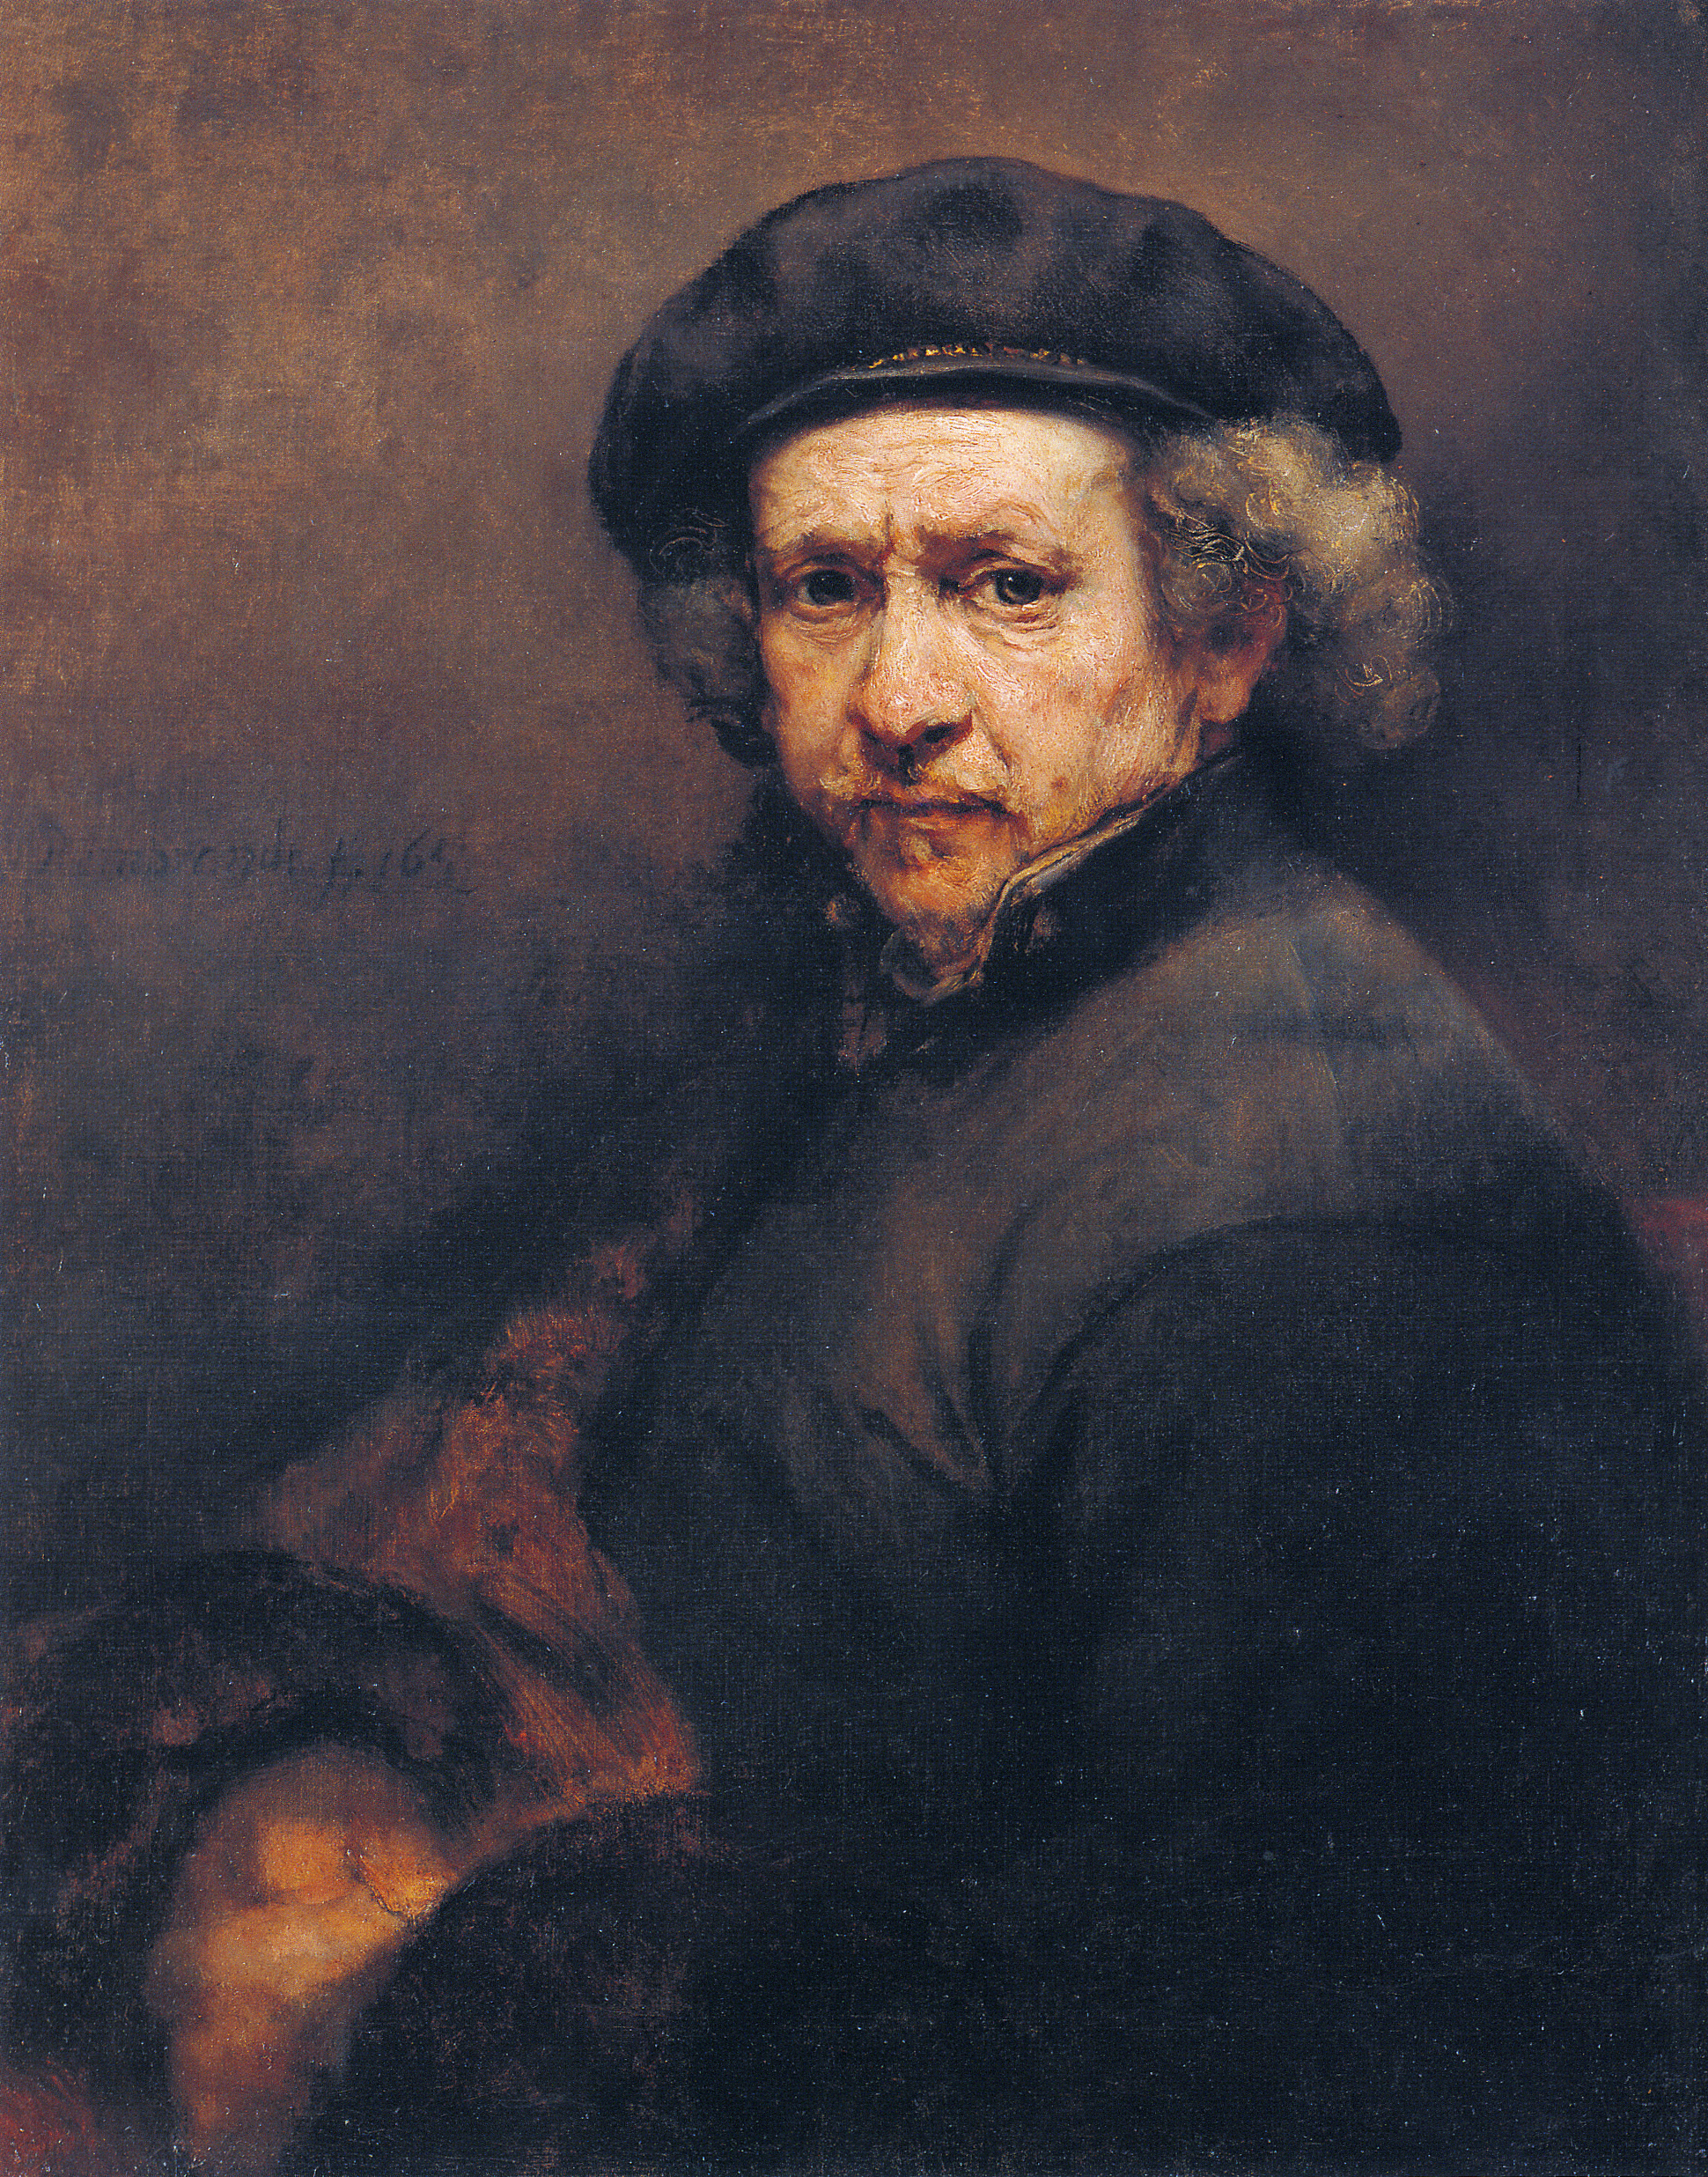 File:Rembrandt self portrait.jpg - Wikipedia